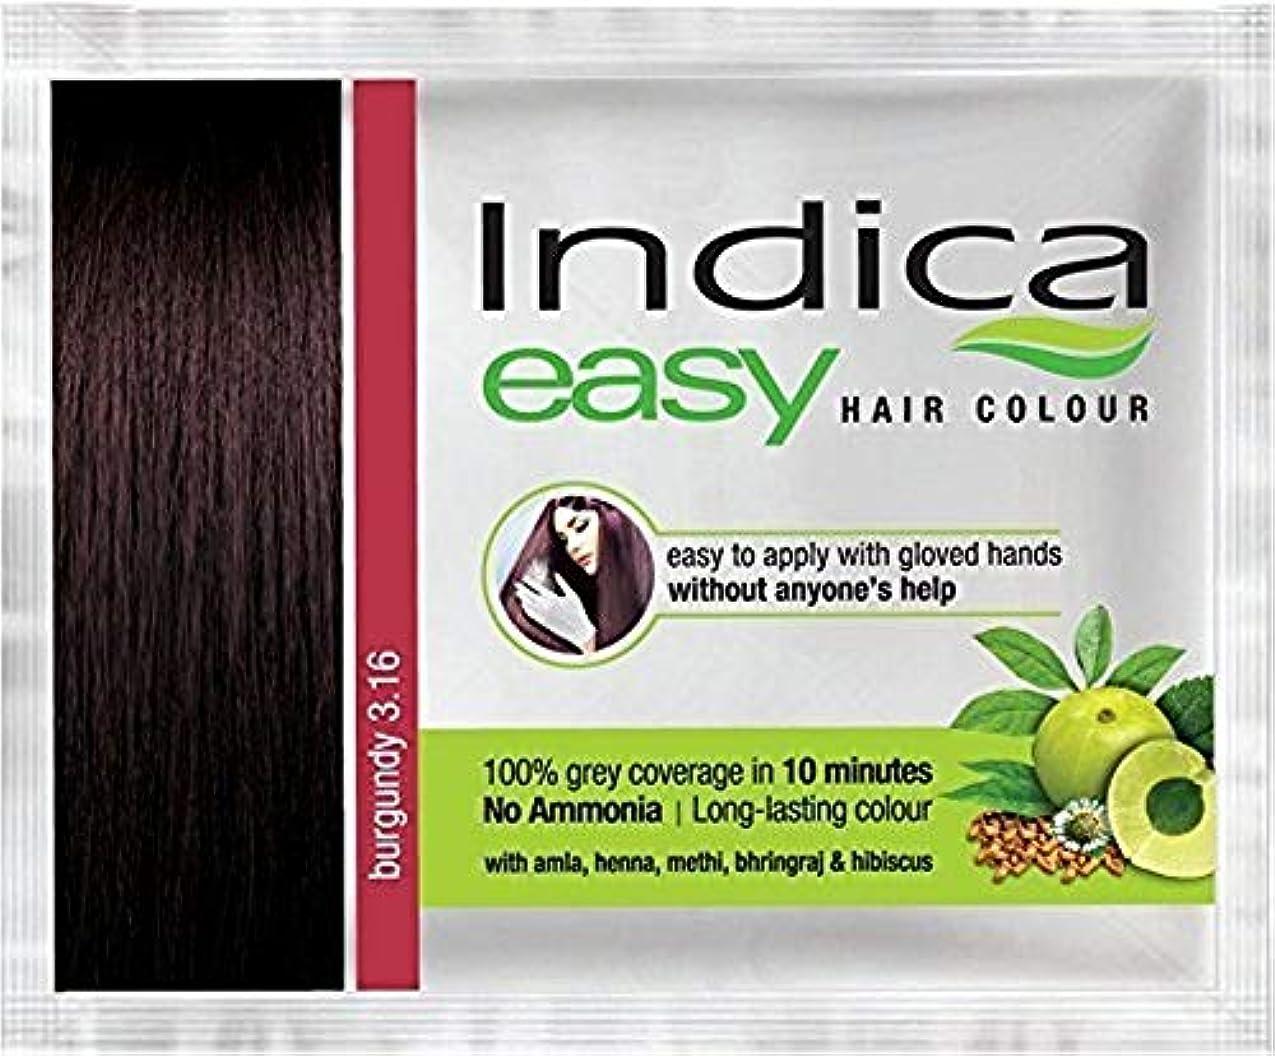 ソース殺しますフォーラムNexxa 6Pc Indica Easy10 Minutes Herbal Hair Color Shampoo Base Burgundy Herbs